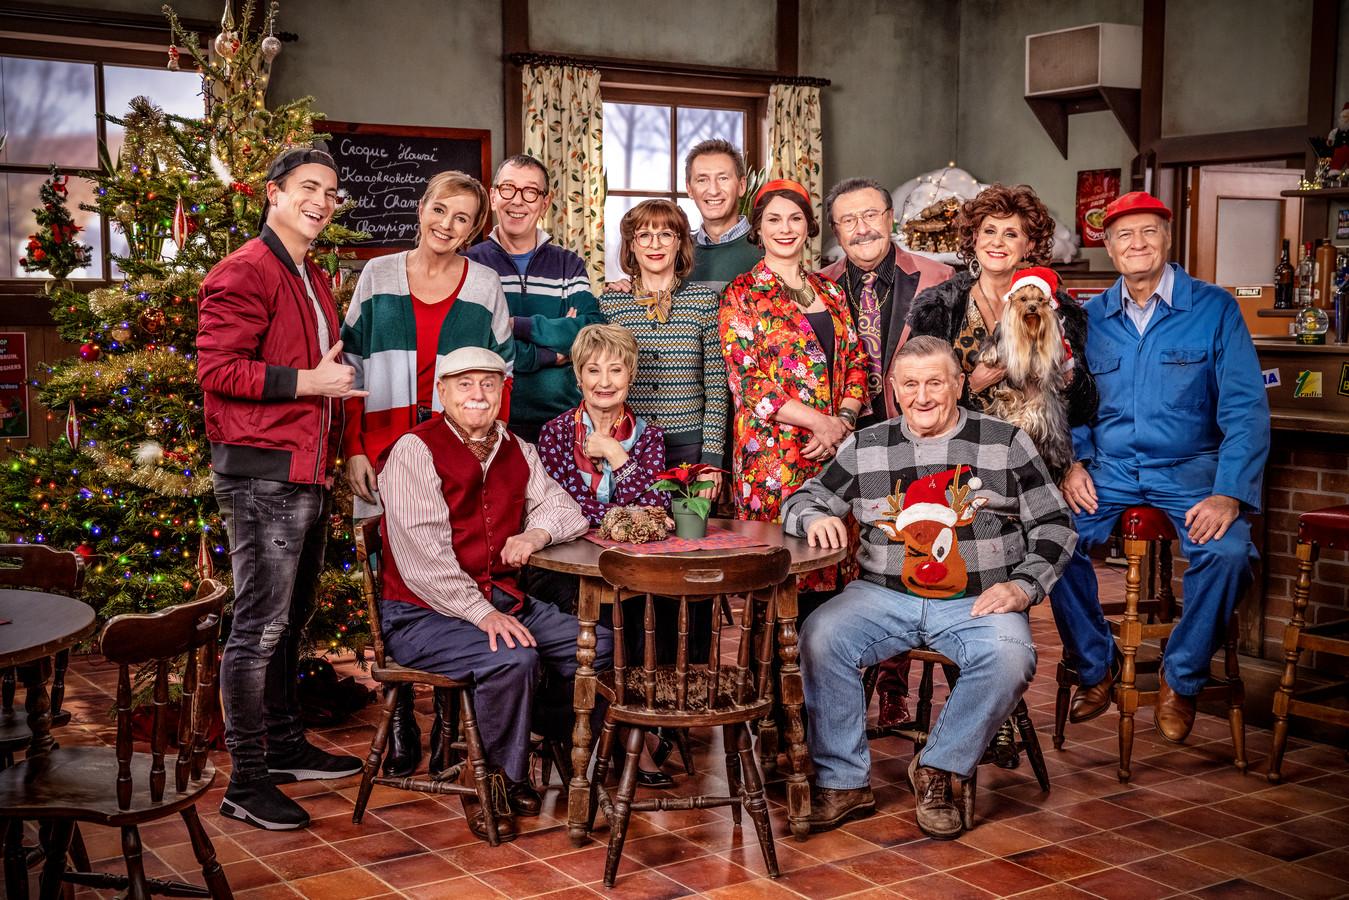 De cast van 'De Kampioenen' kwam opnieuw bijeen voor de opnames van de kerstspecial, een eerbetoon aan de dit jaar overleden Johny Voners.